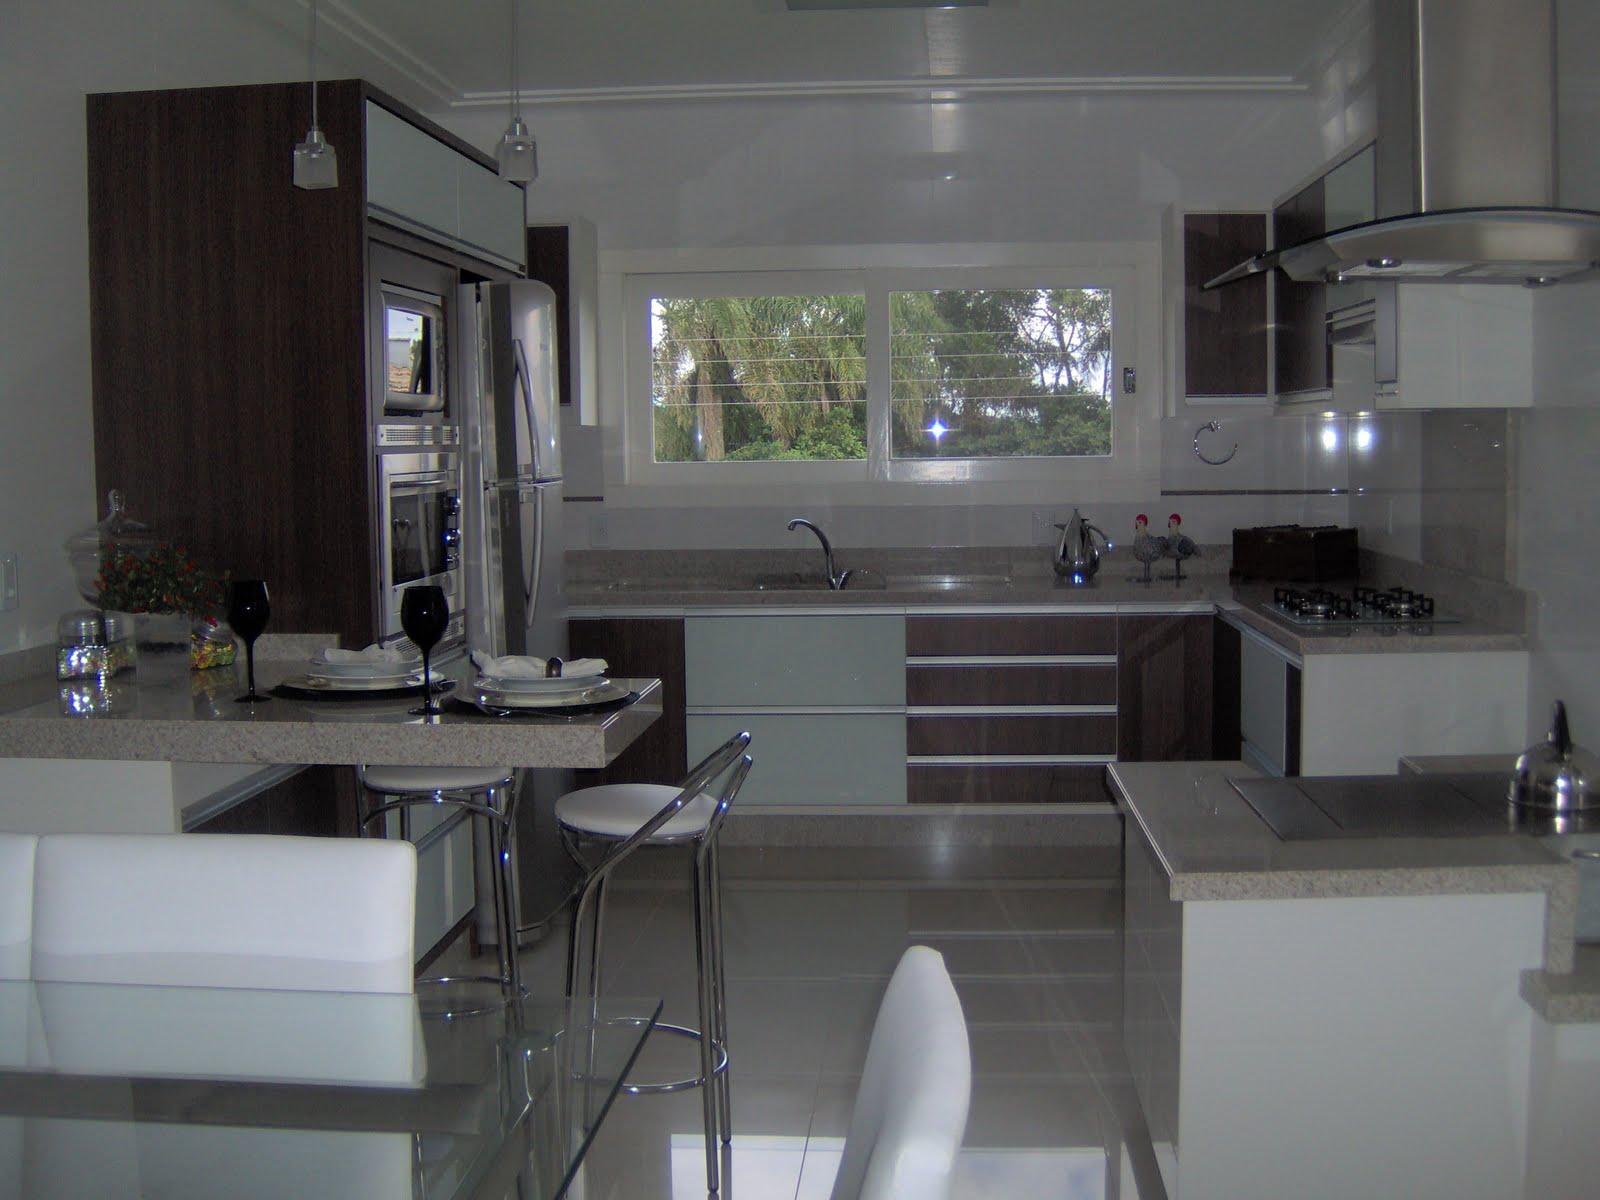 Arquitetura e Interiores: COPA COZINHA #596172 1600 1200